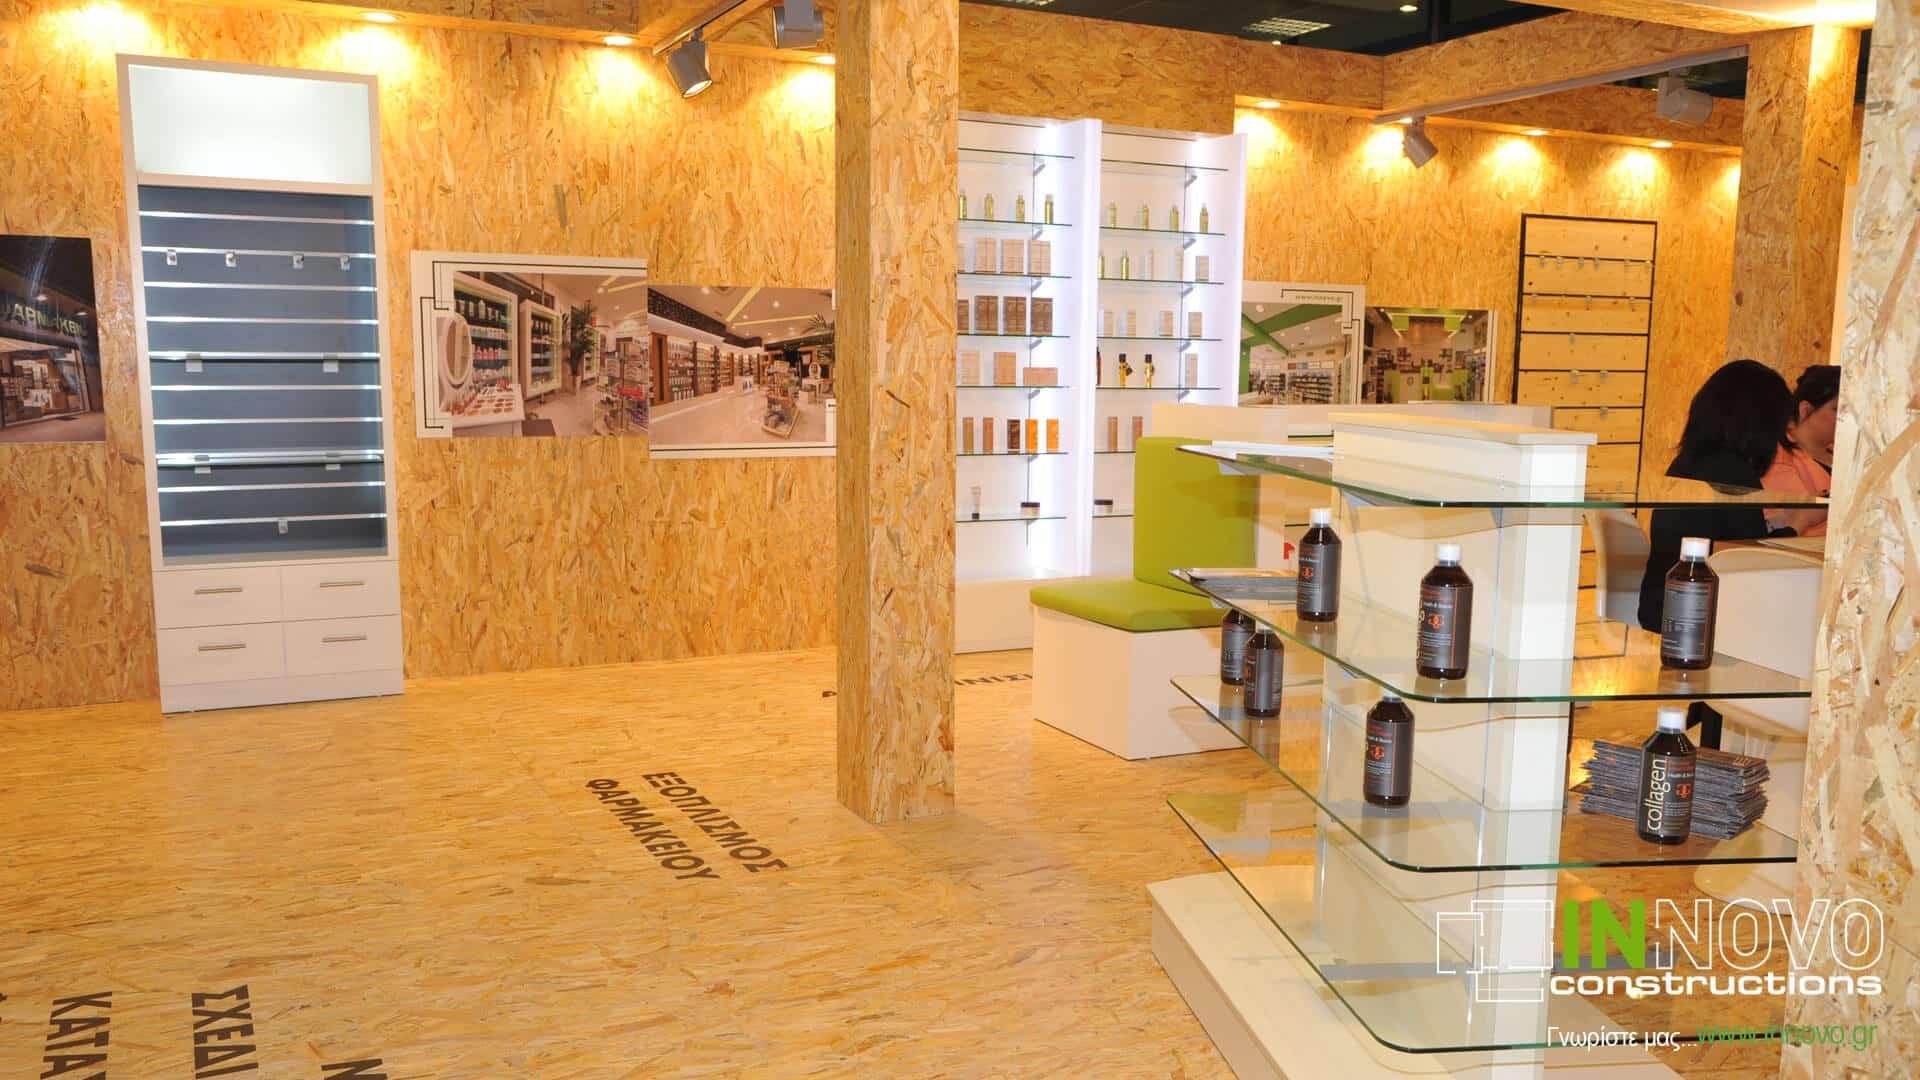 kataskevi-peripterou-exhibition-stand-construction-periptero-mas-hellaspharm2014-8